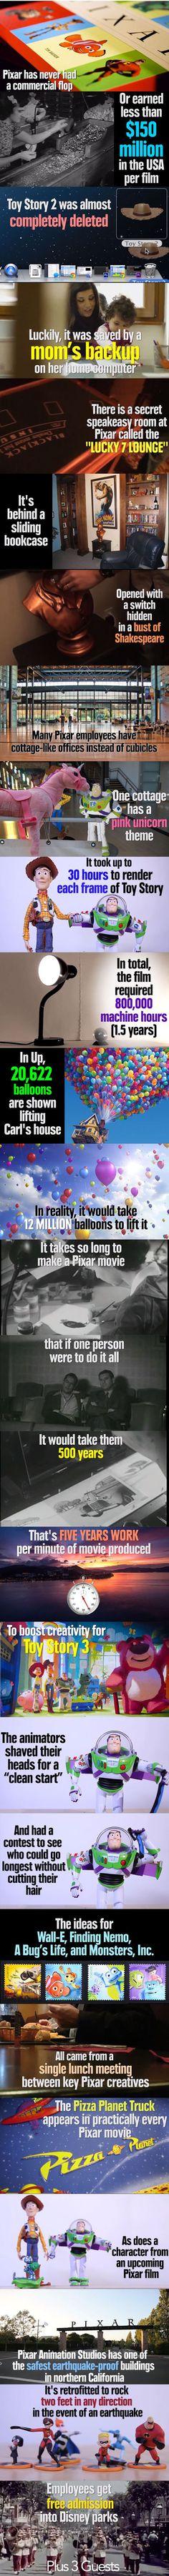 #pixarswag